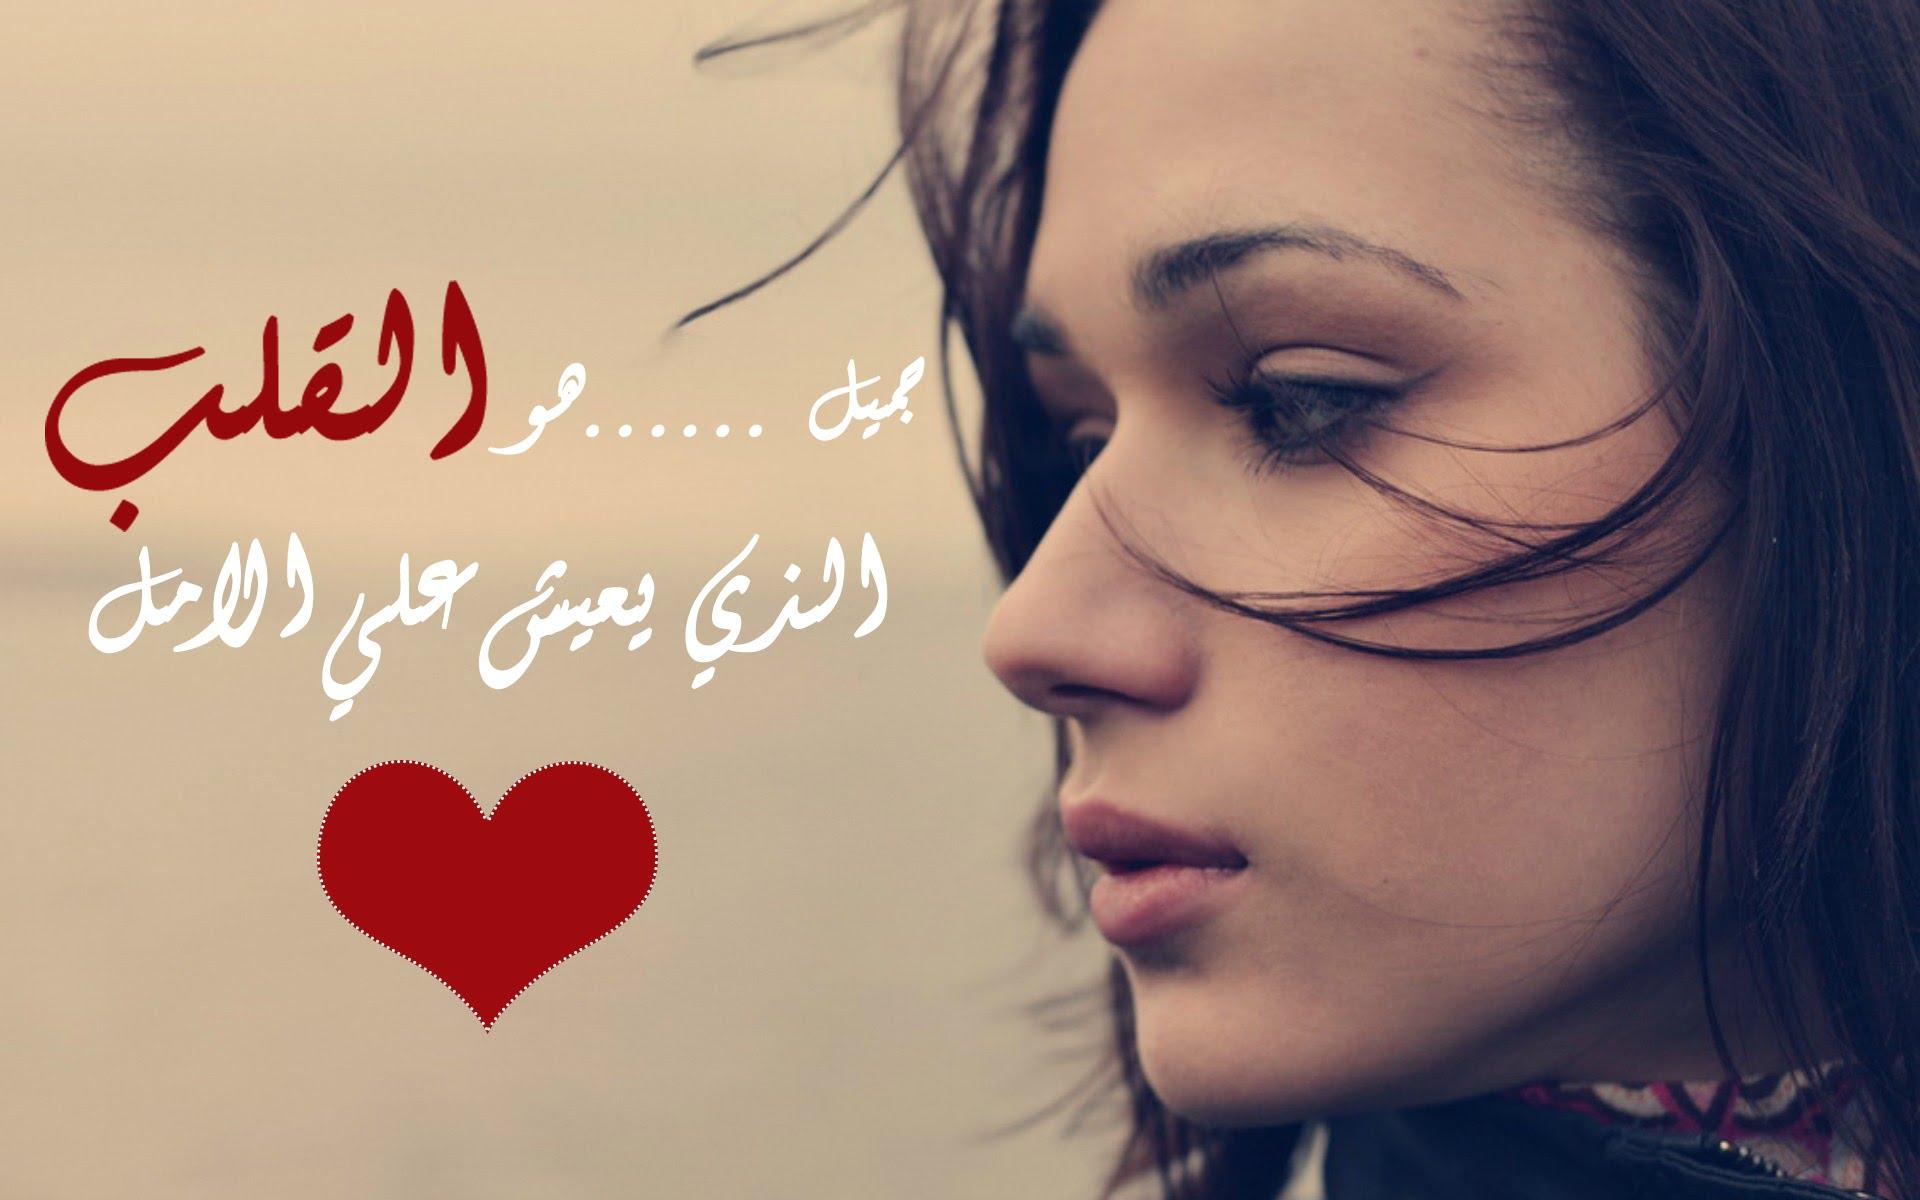 بالصور كلام حزين فيس بوك , الكلمات المعبره عن الحزن 5924 5